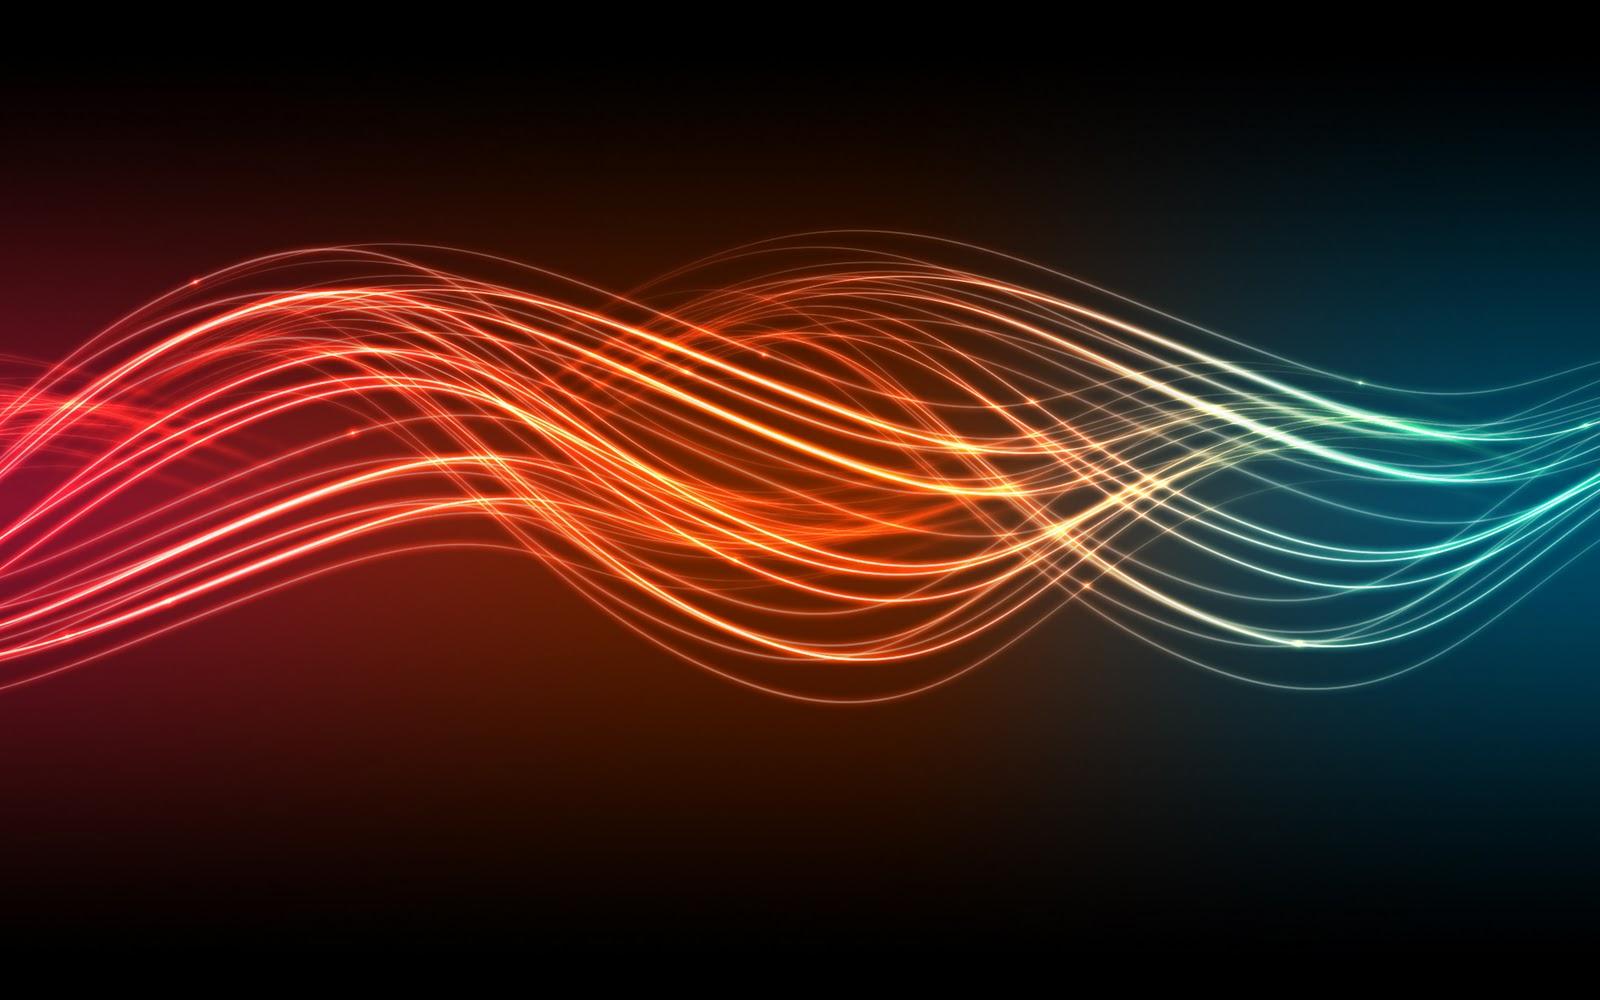 http://2.bp.blogspot.com/-miTD66fypqI/TpHgqzv8ILI/AAAAAAAAArk/ALrTwoQO1-w/s1600/desktop_wallpapers.jpg